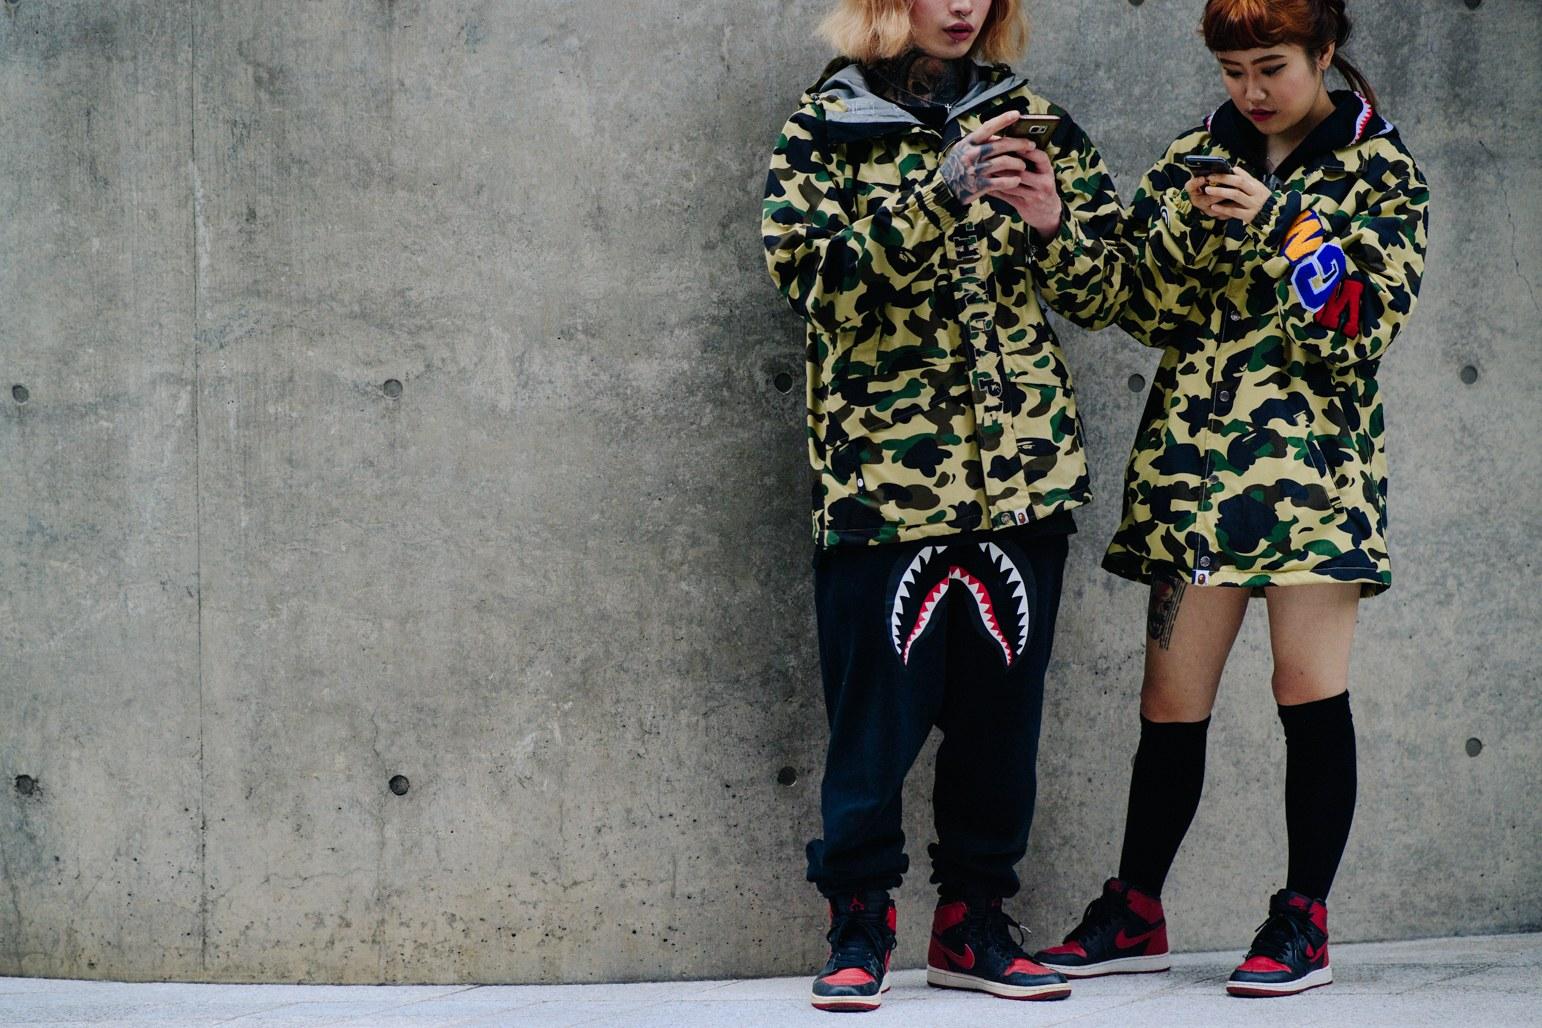 Seoul Fashion Week: Riêng về street style, giới trẻ Hàn nào có thua kém các ngôi sao nổi tiếng - Ảnh 3.